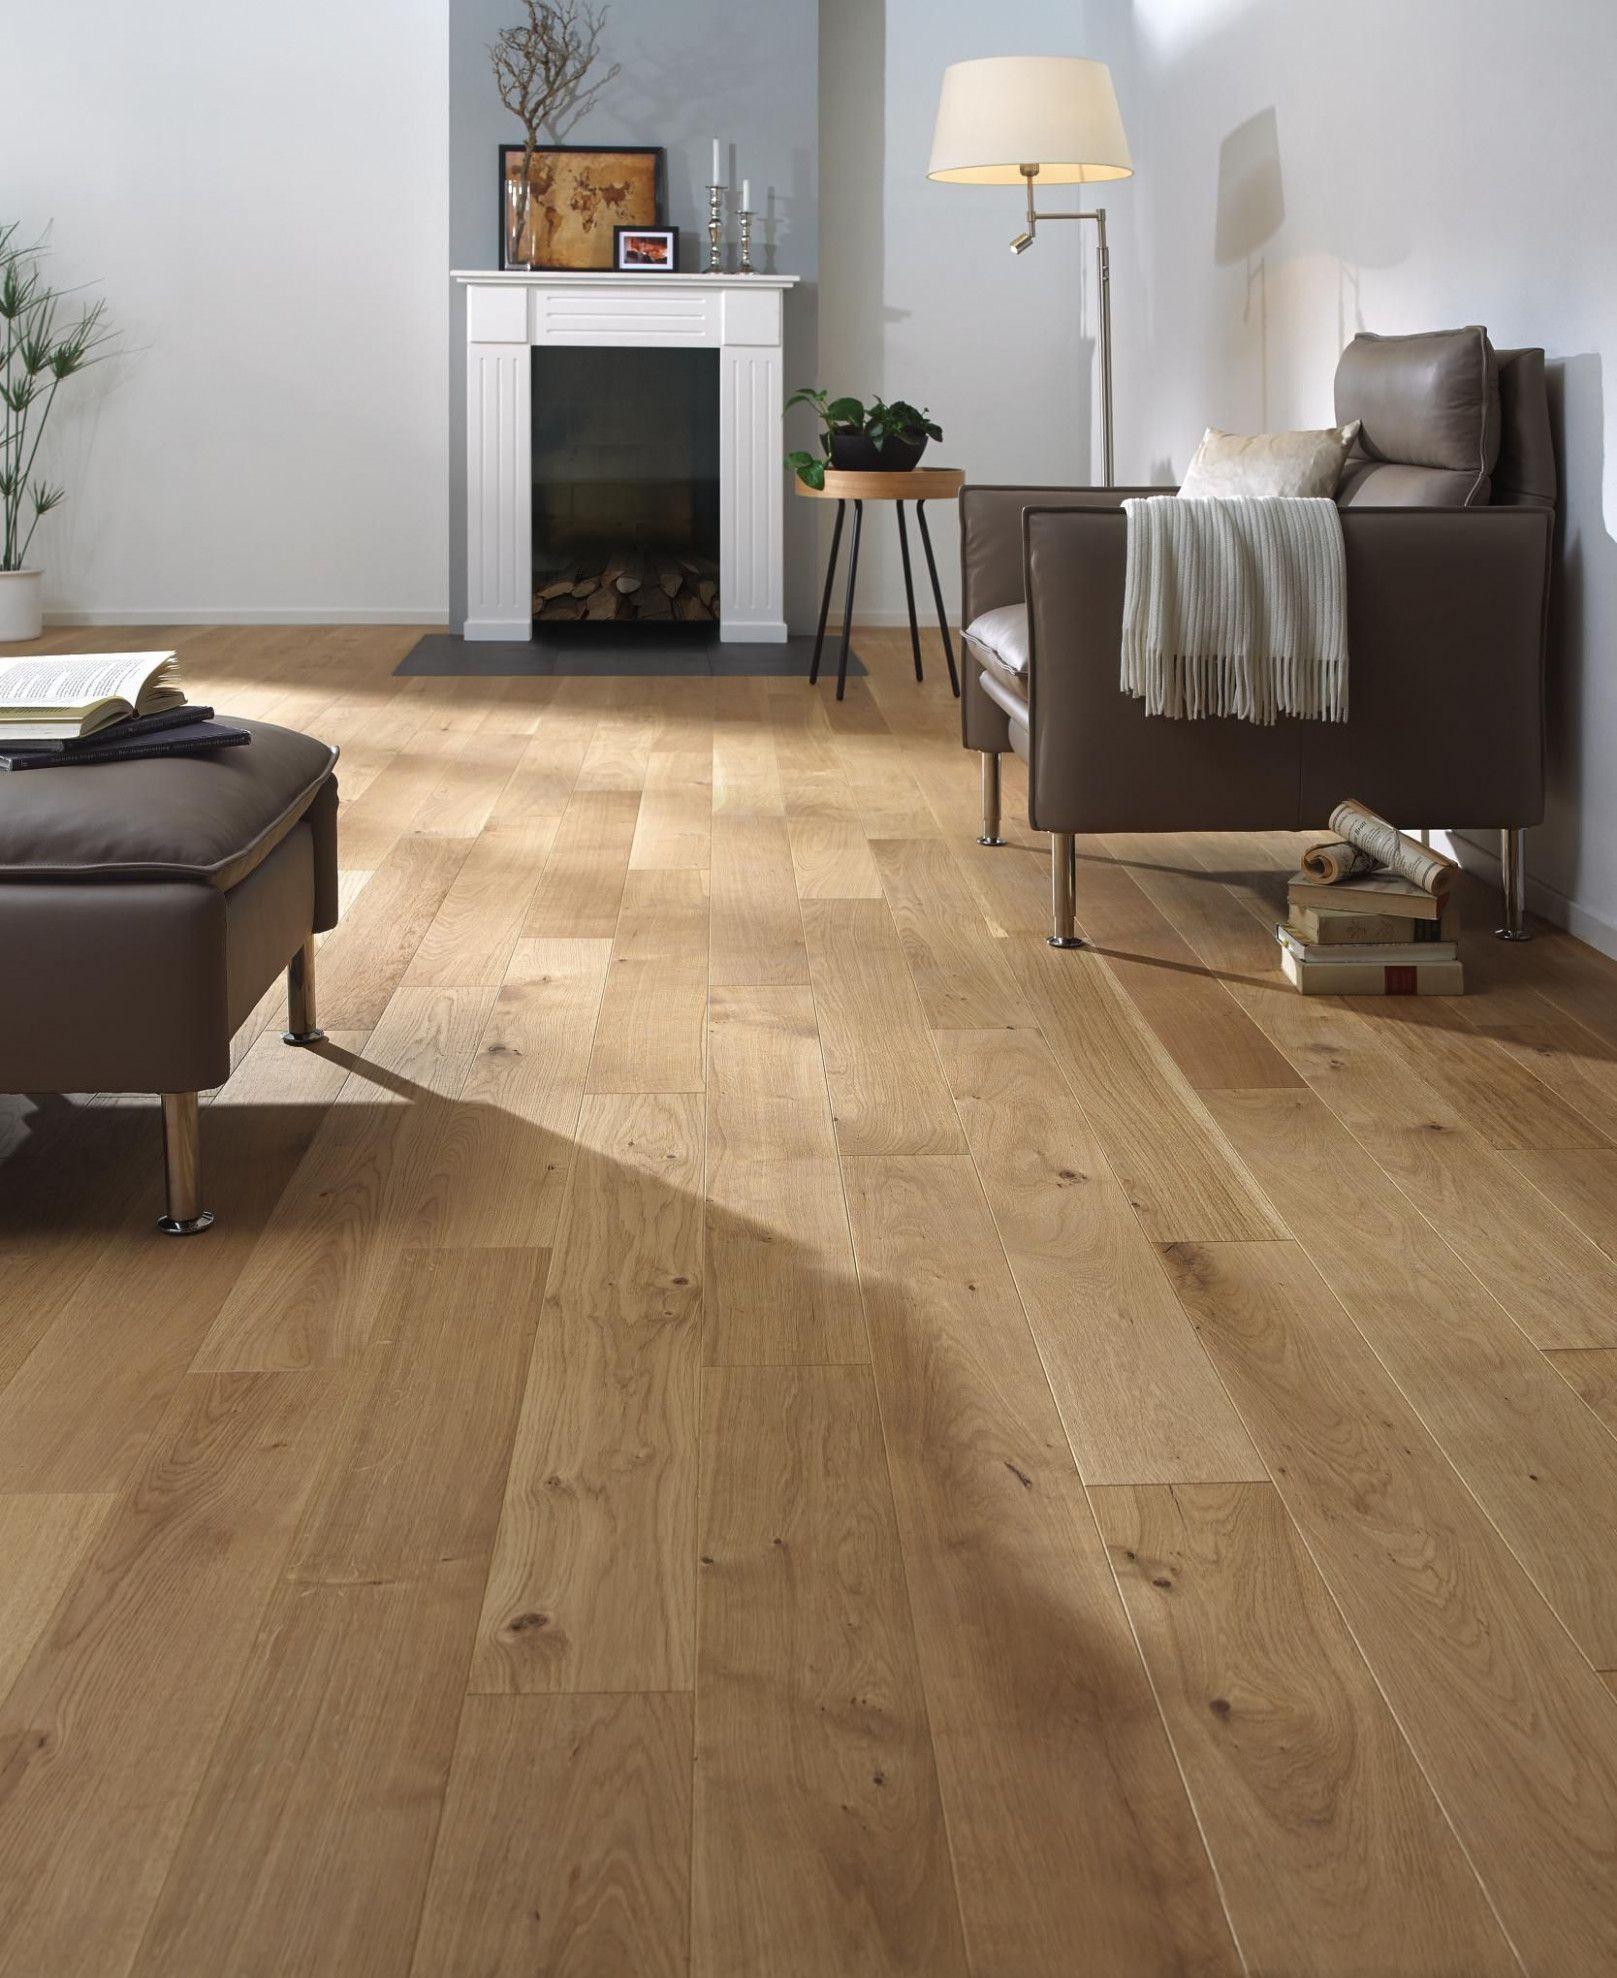 8 Wohnzimmer Ideen Parkettboden  Parkettboden, Parkett, Wohnung